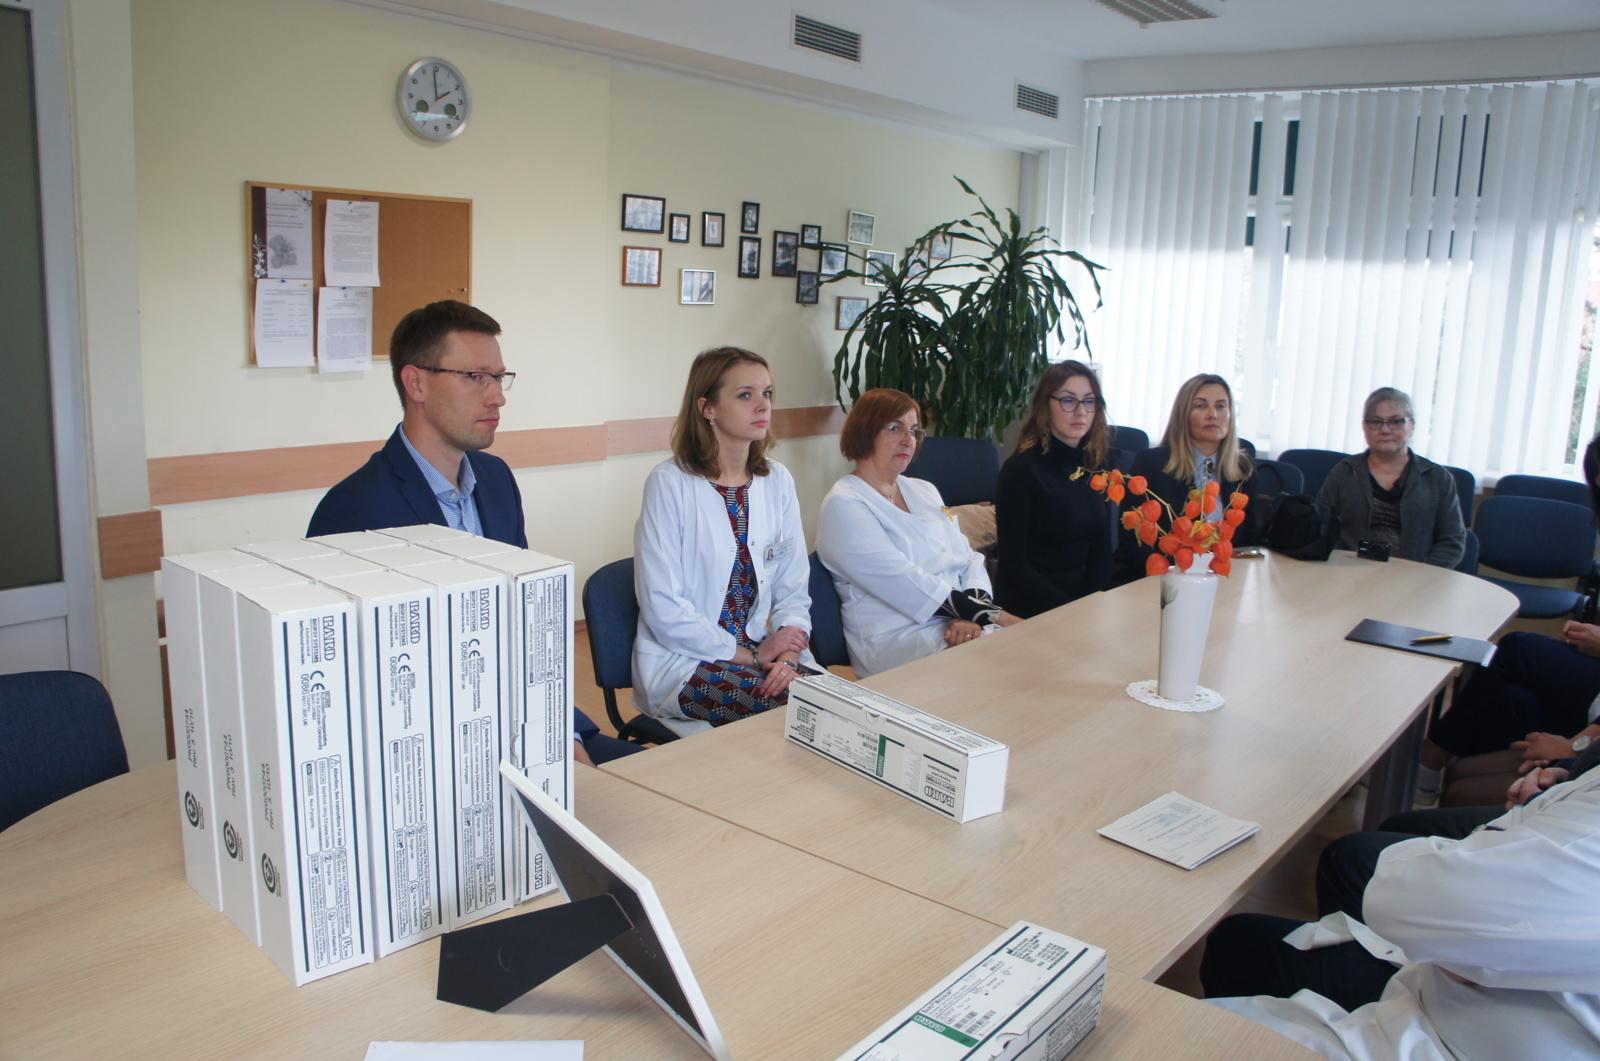 Onkologijos klinikai - Tarptautinės moterų organizacijos parama